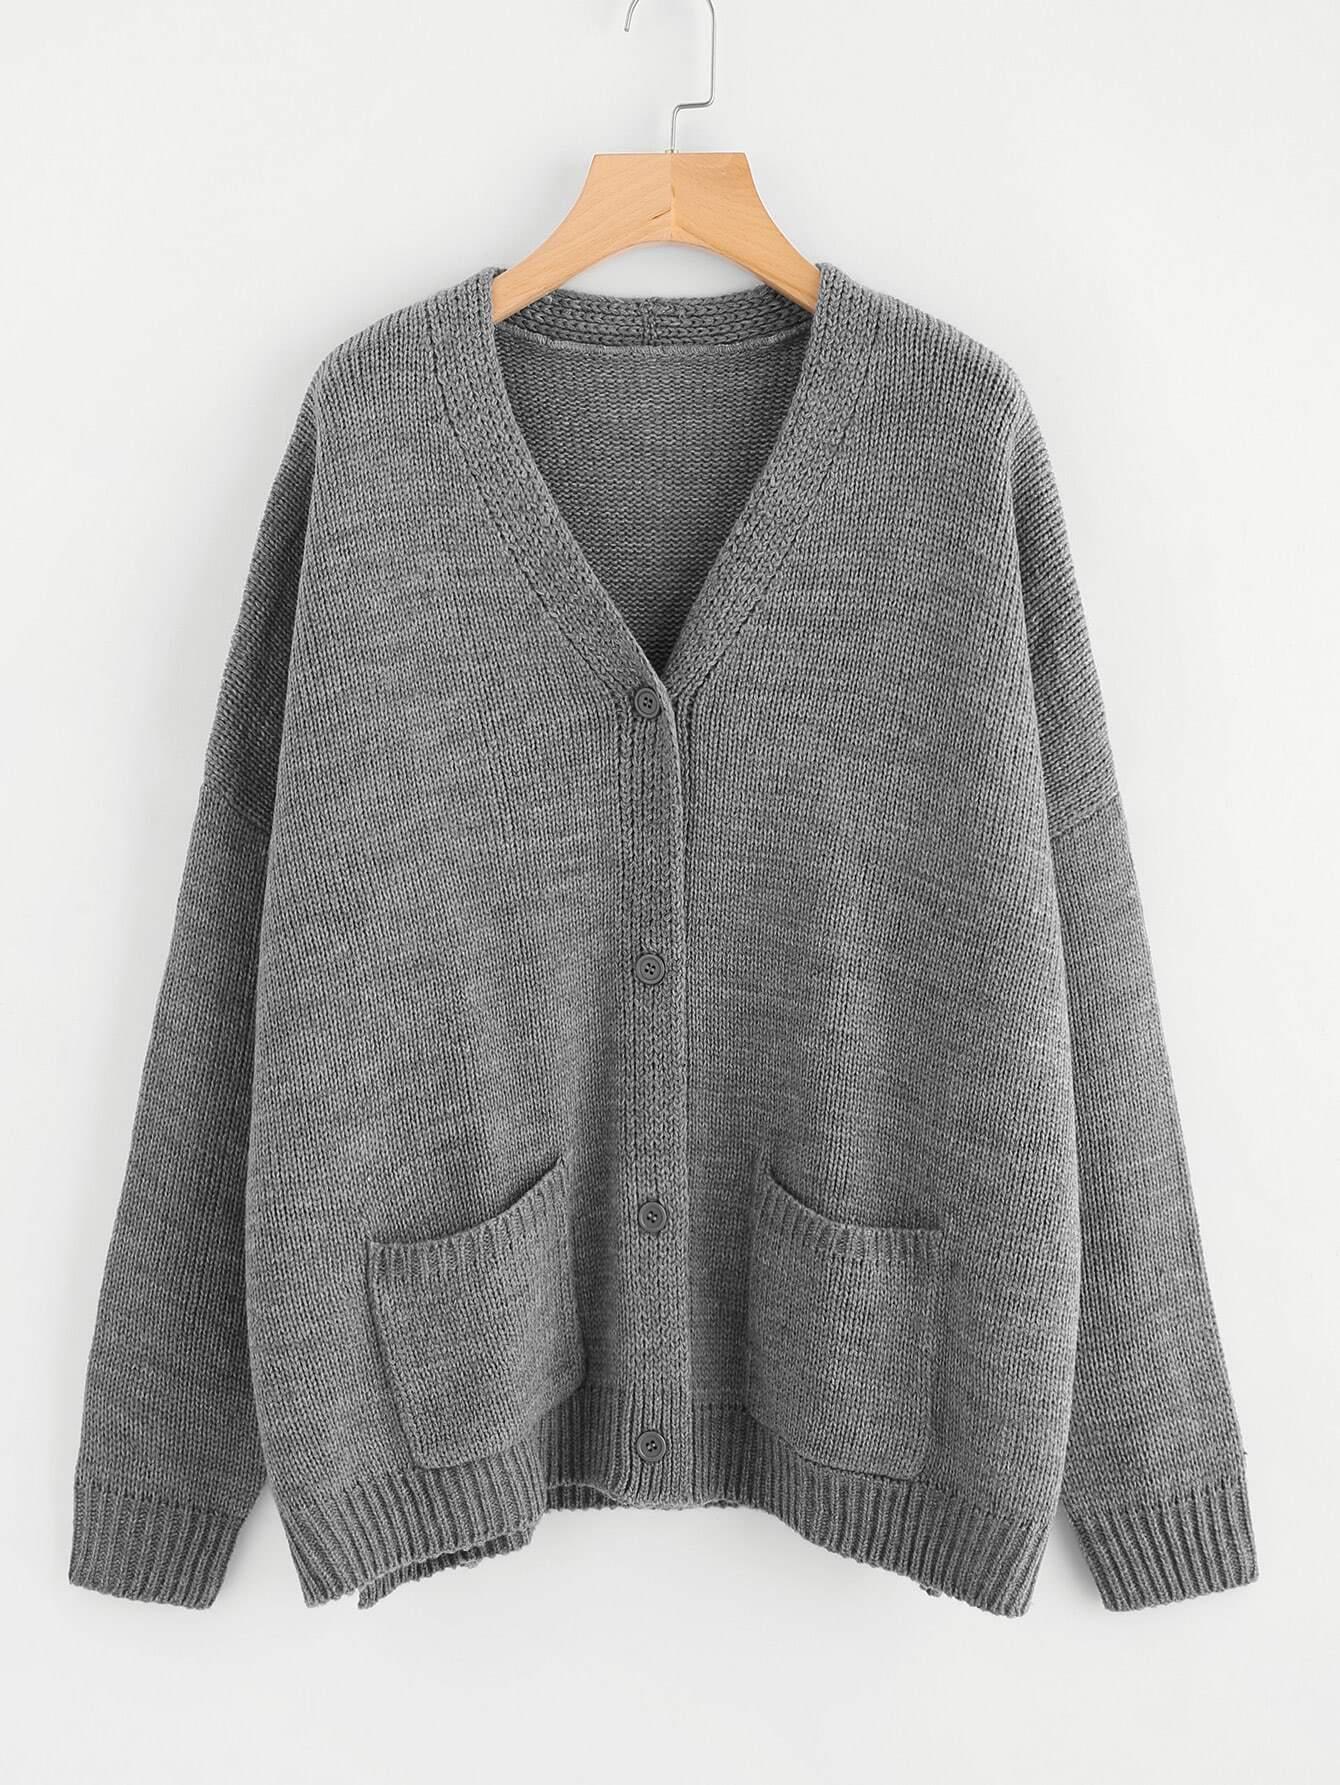 Dropped Shoulder Slit Side Pocket Cardigan sweater171013450